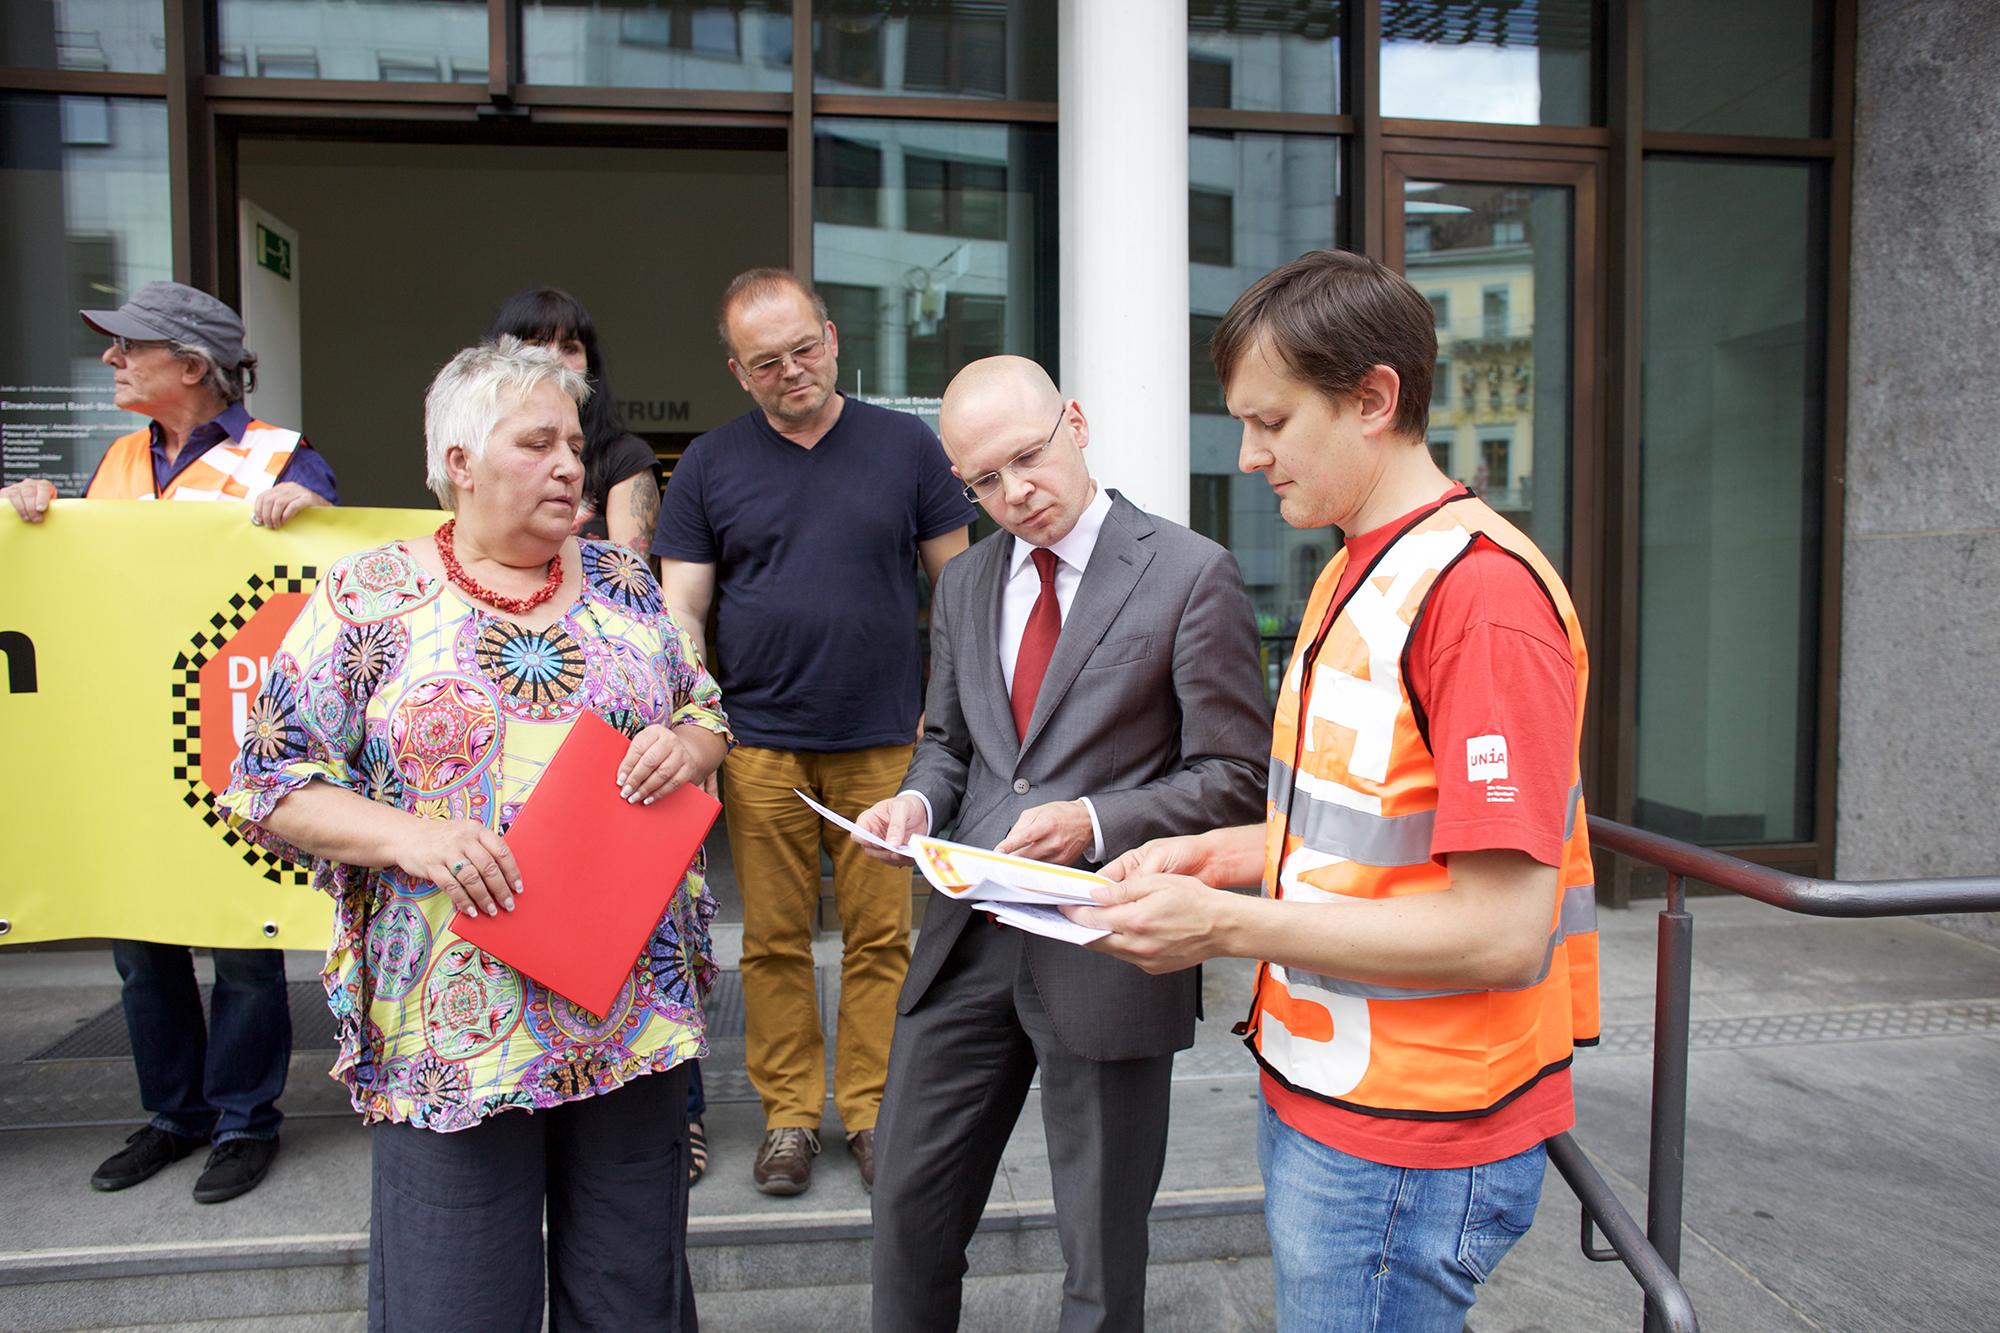 Die Übergabe des Briefes und des Dossiers mit den Recherchen der Taxi-Fahrer.